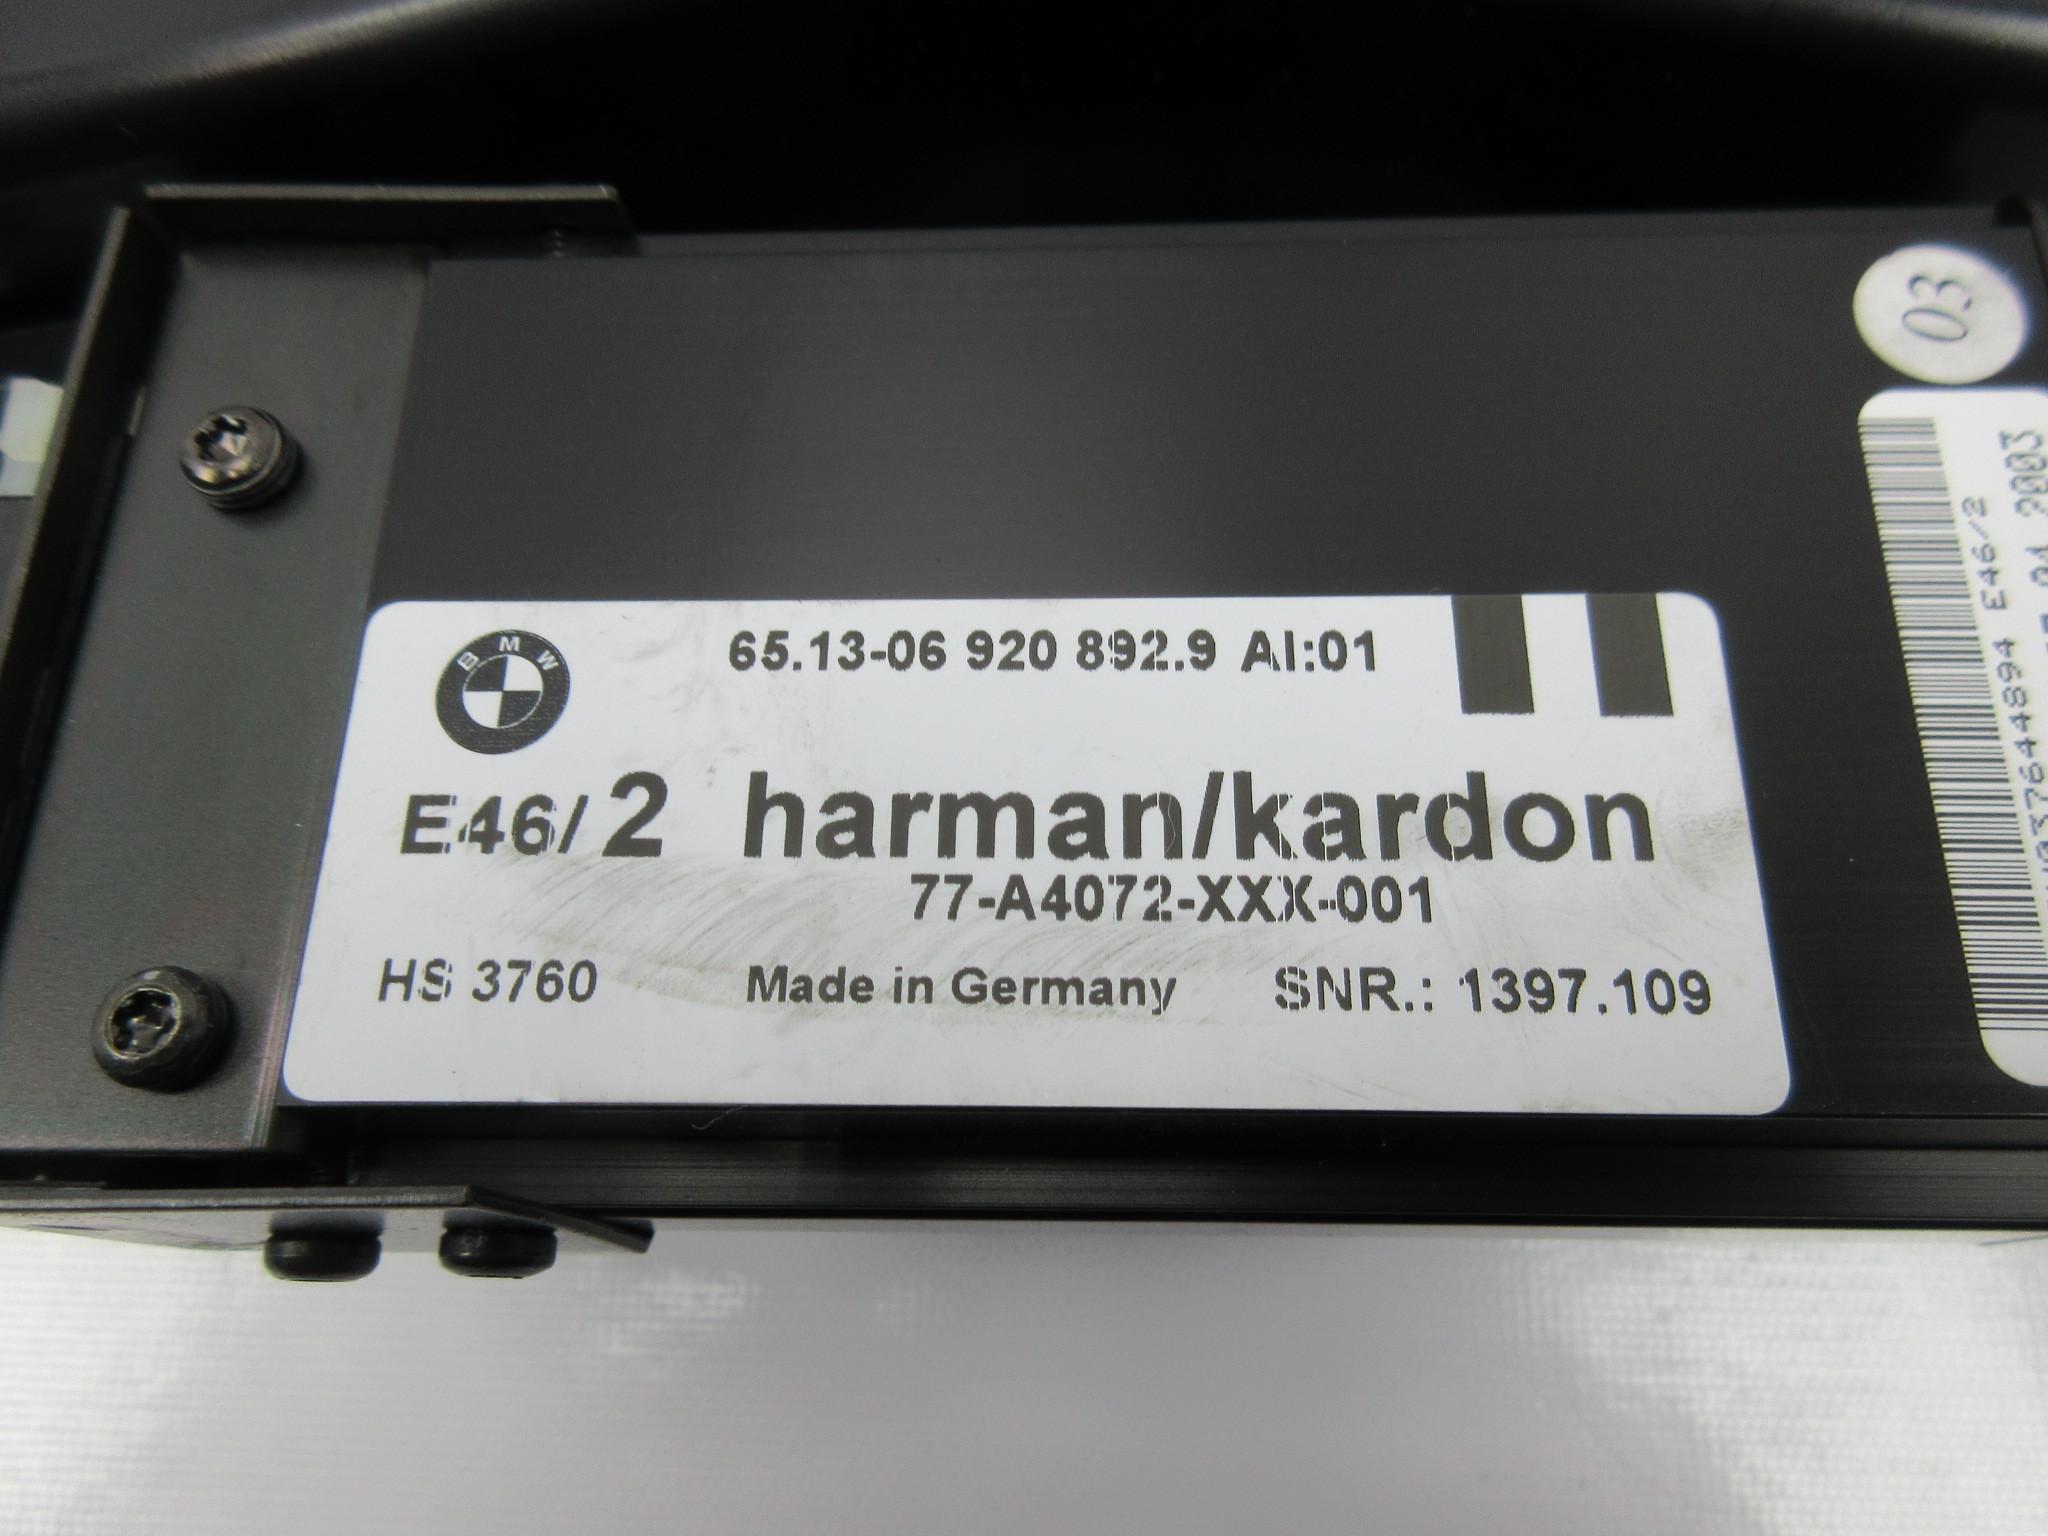 2003 Bmw M3 E46 1039 Harman Kardon Subwoofer Amplifier 6920857